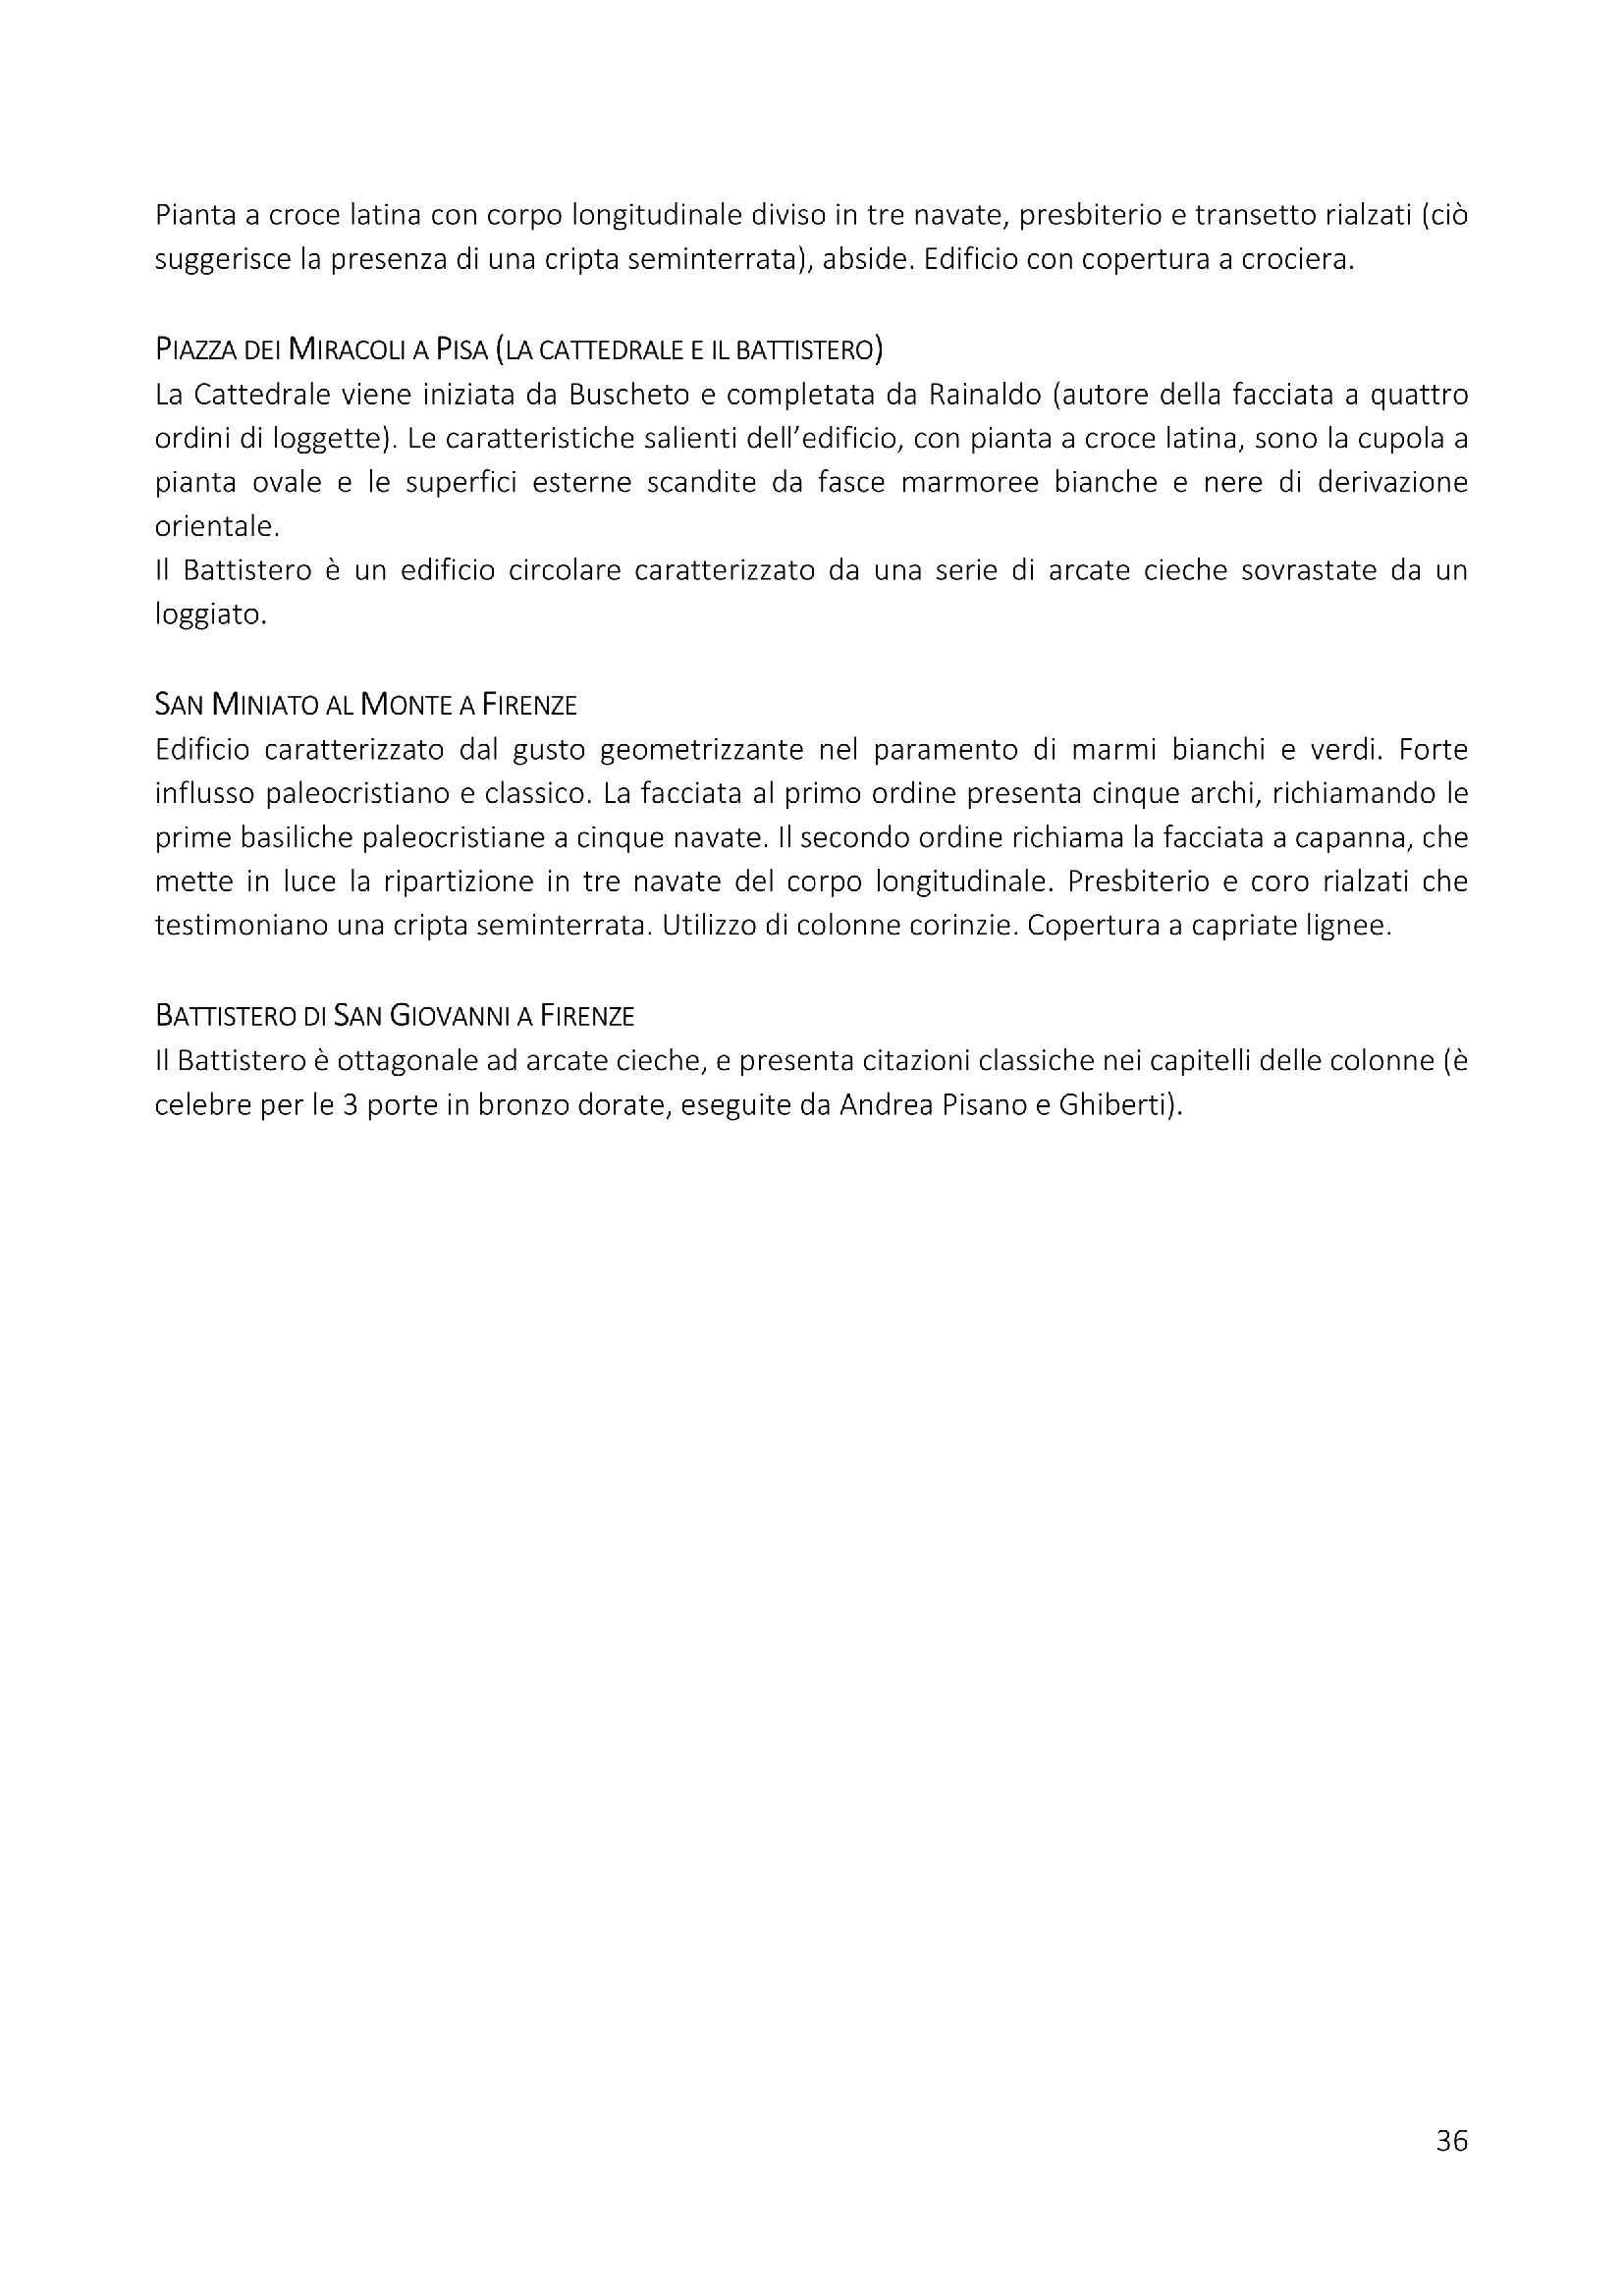 Riassunto del programma di storia dell'architettura ed estetica del prof. Dimitri Ticconi Pag. 36